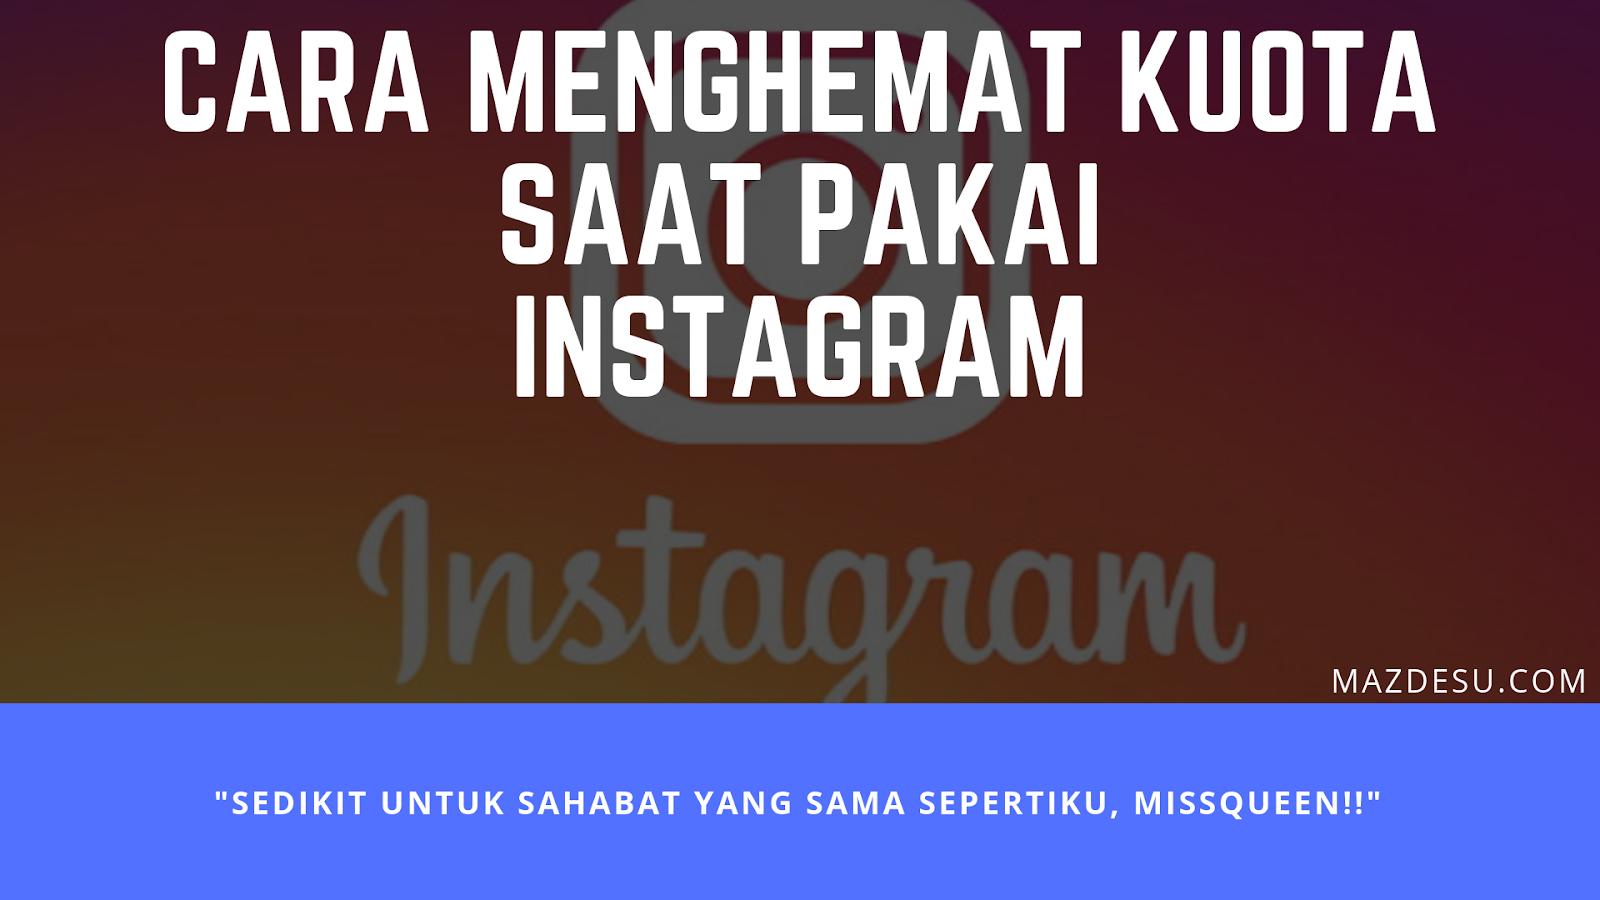 Cara Menghemat Kuota saat Pakai Instagram